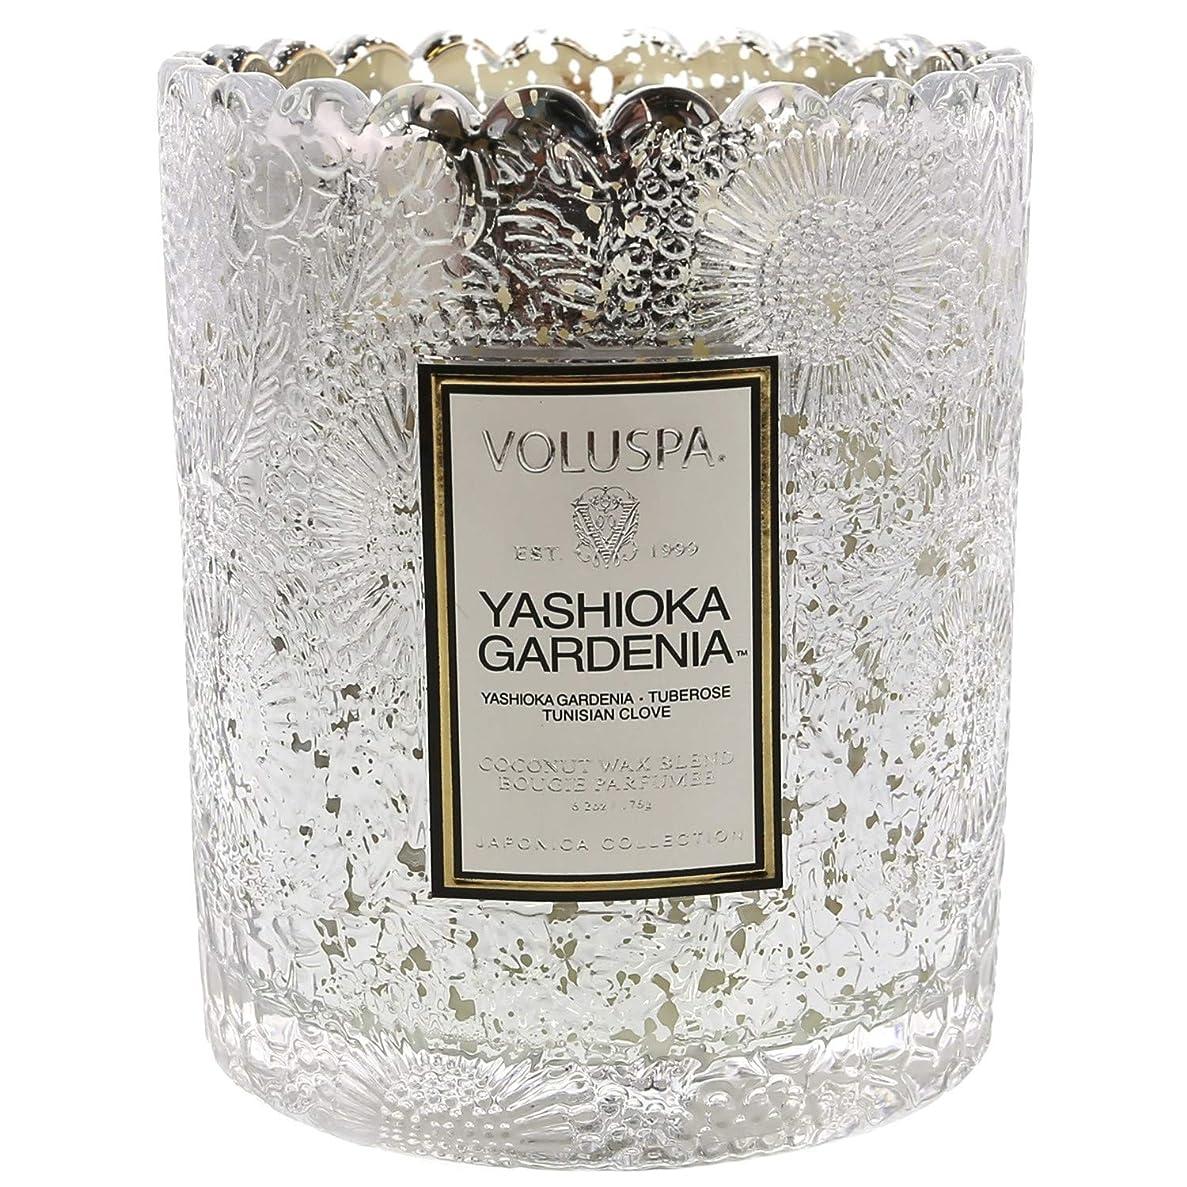 ハシーテメリティあいまいVoluspa ボルスパ ジャポニカ リミテッド スカラップグラスキャンドル  ヤシオカガーデニア YASHIOKA GARDENIA JAPONICA Limited SCALLOPED EDGE Glass Candle